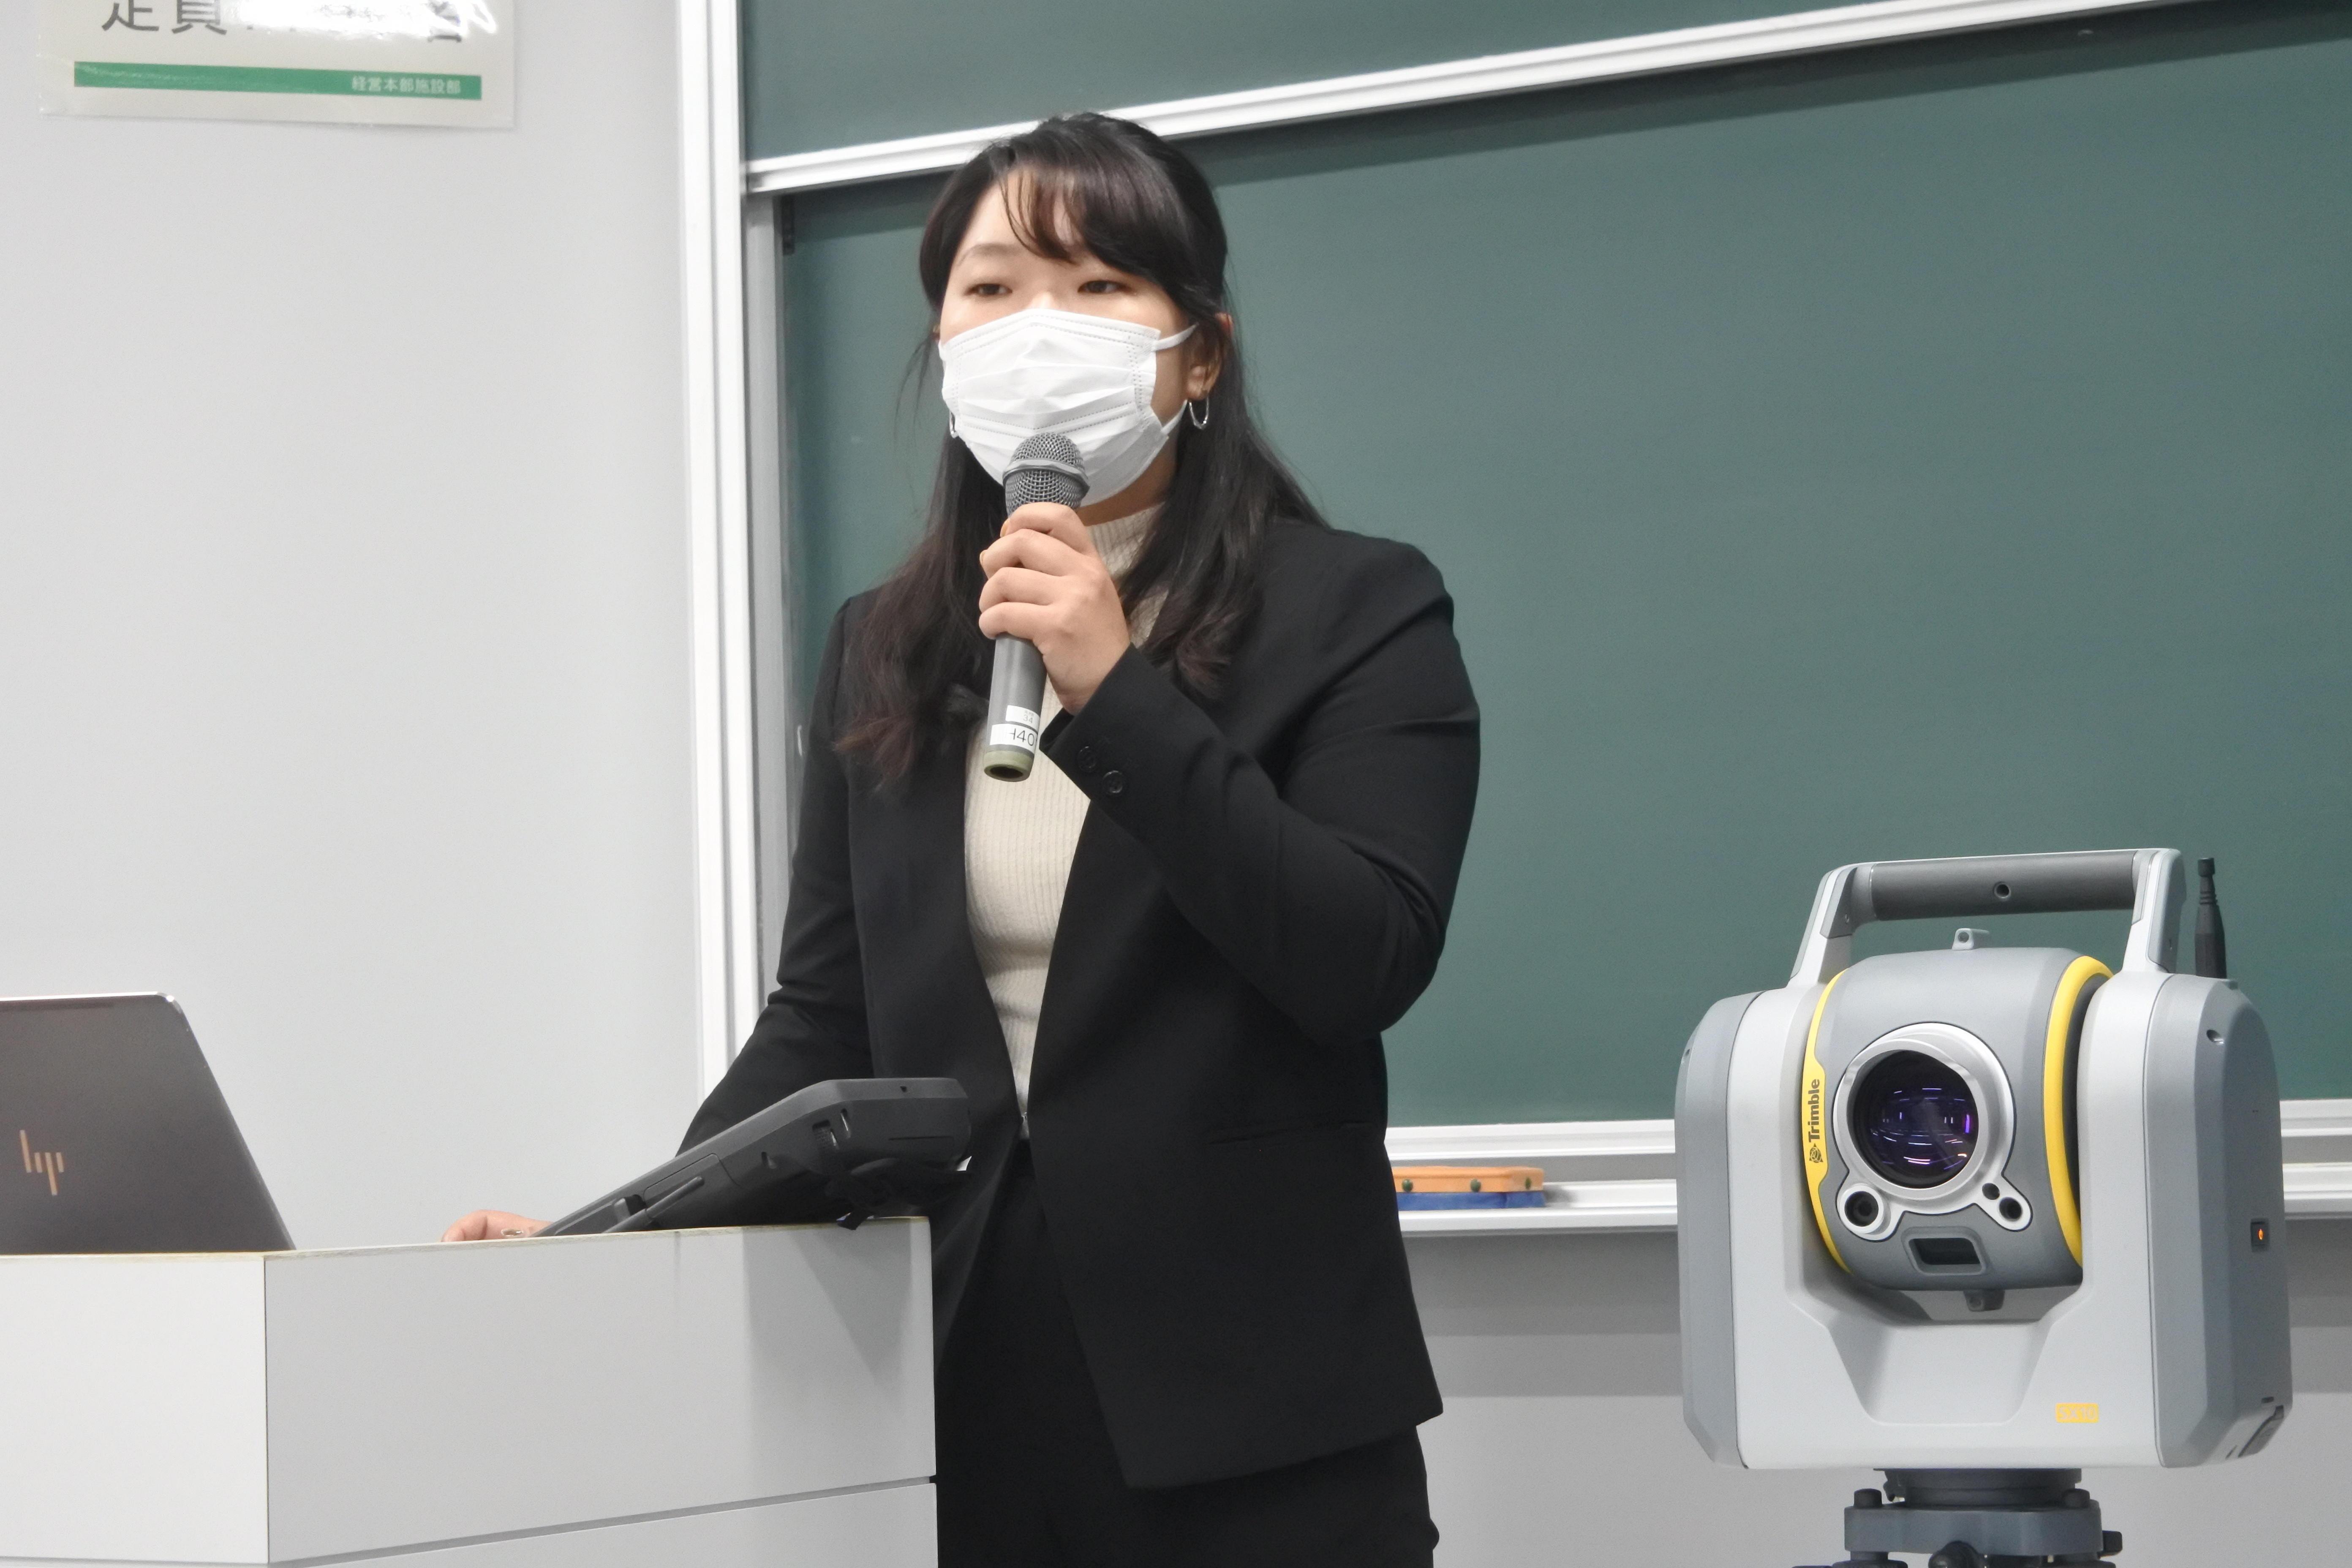 横幕果澄さん(右は地上型レーザースキャナー)